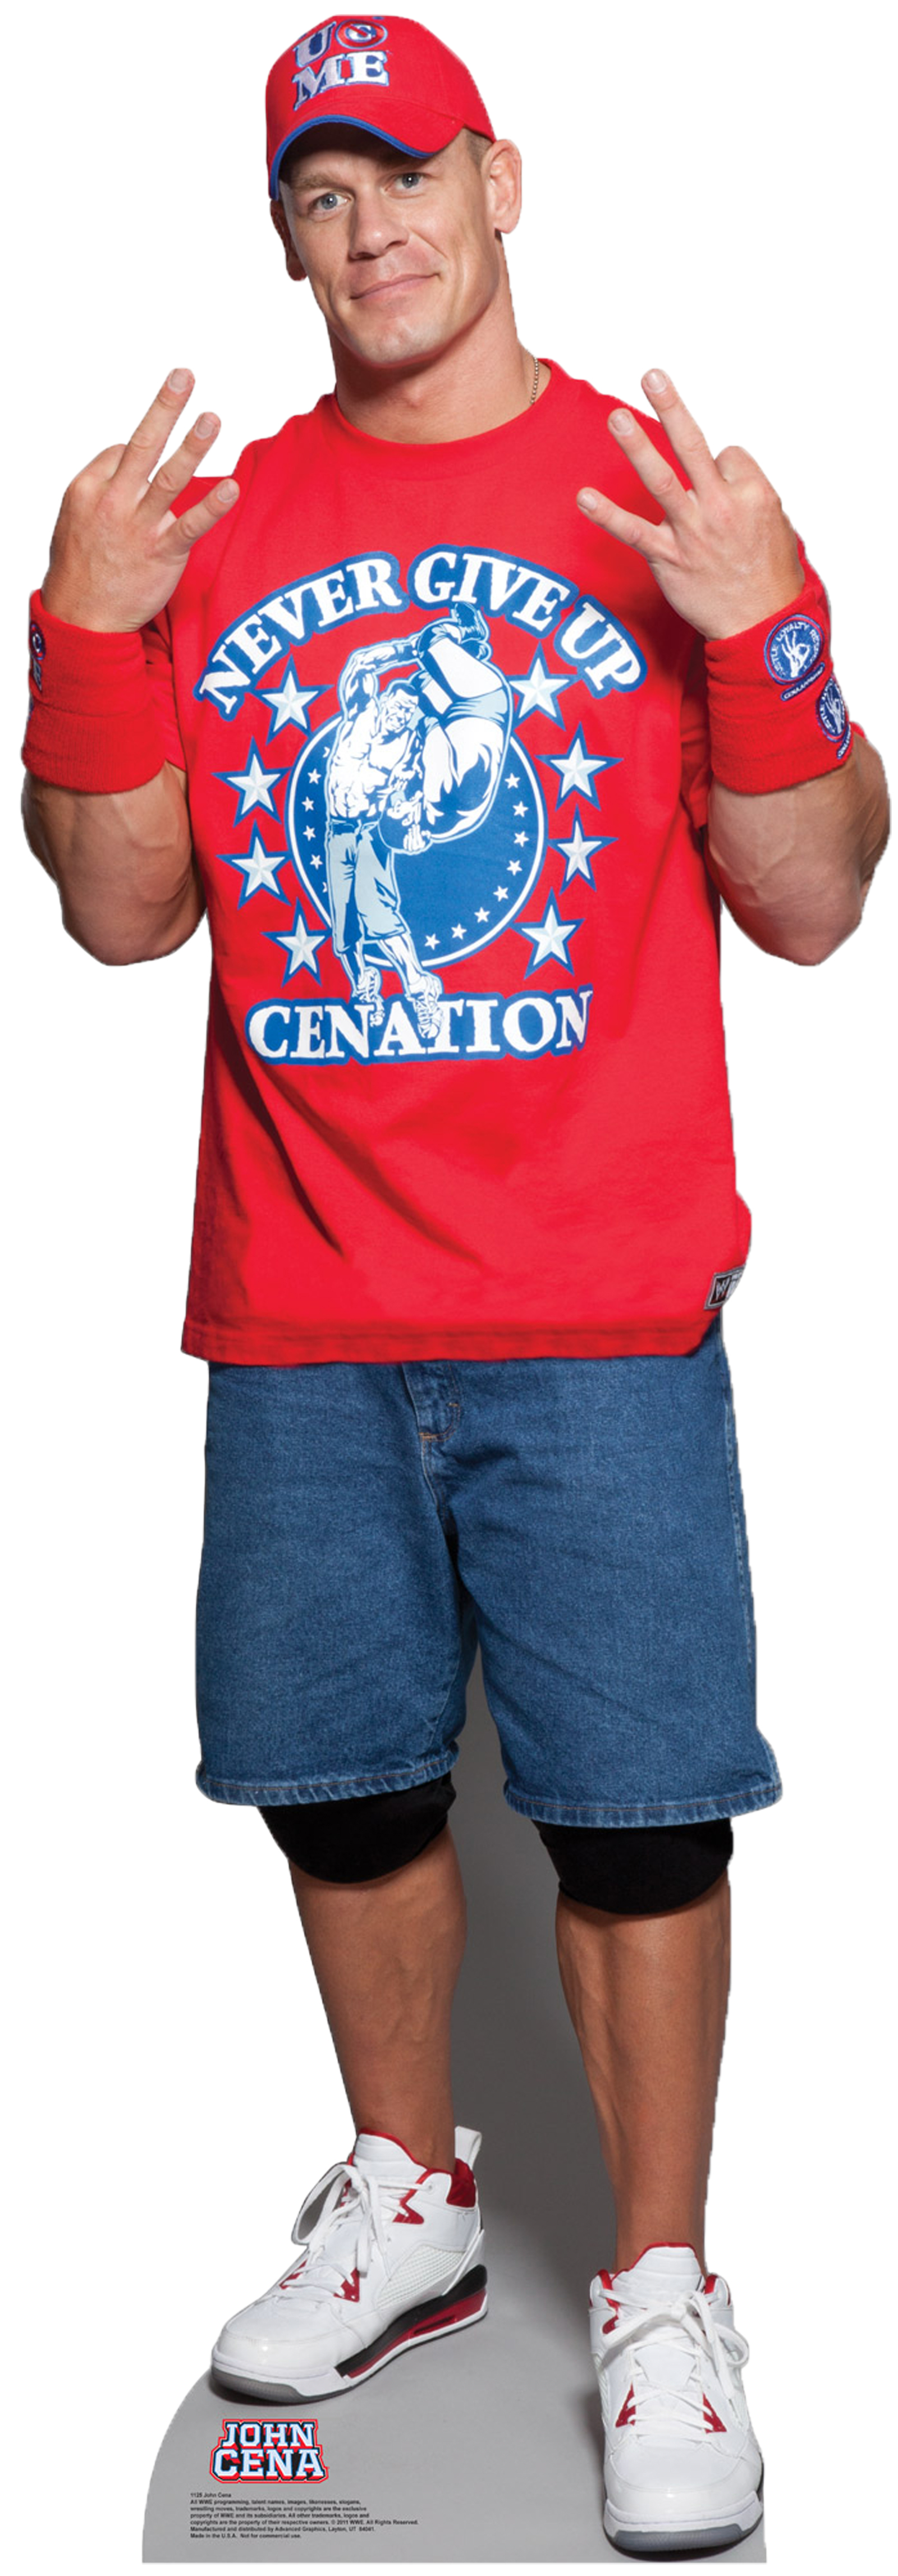 John cena - John Cena 24